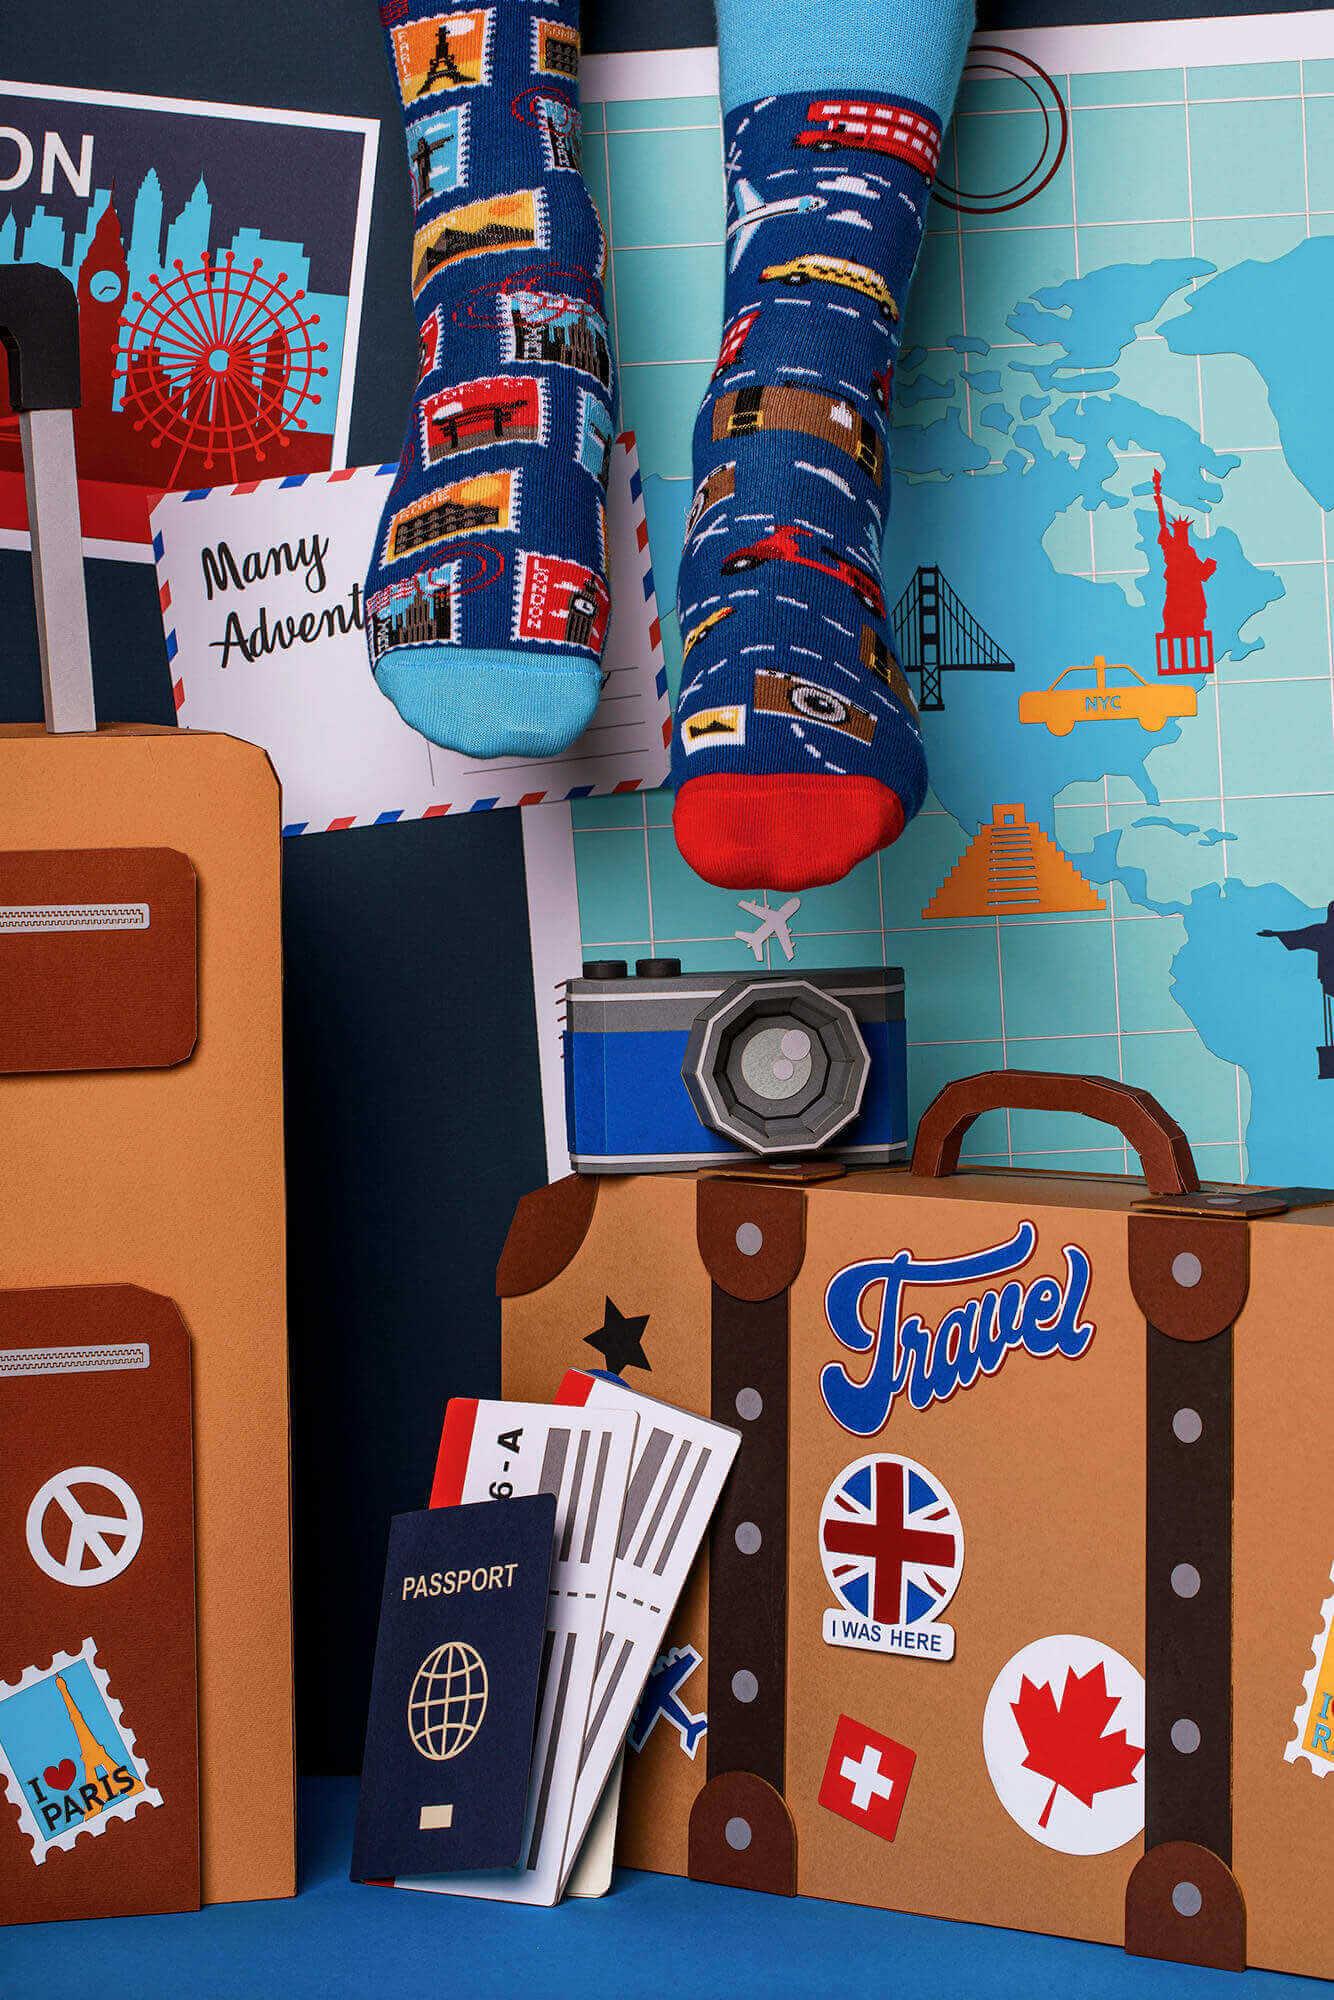 THE TRAVELER - Skarpetki dla podróżnika